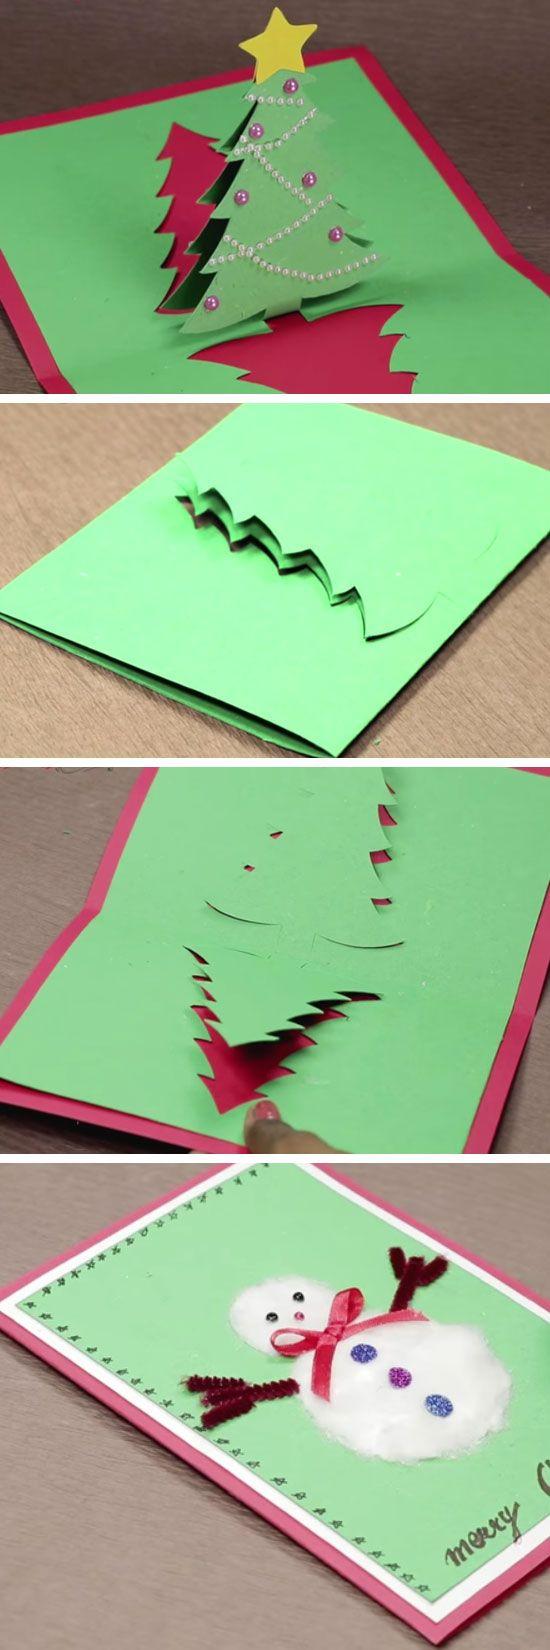 Diy Pop Up Christmas Card With Tree And Snowman Pop Up Christmas Cards For Kids To Make Diy Weihnachtskarten Gestalten Weihnachtskarten Basteln Weihnachten